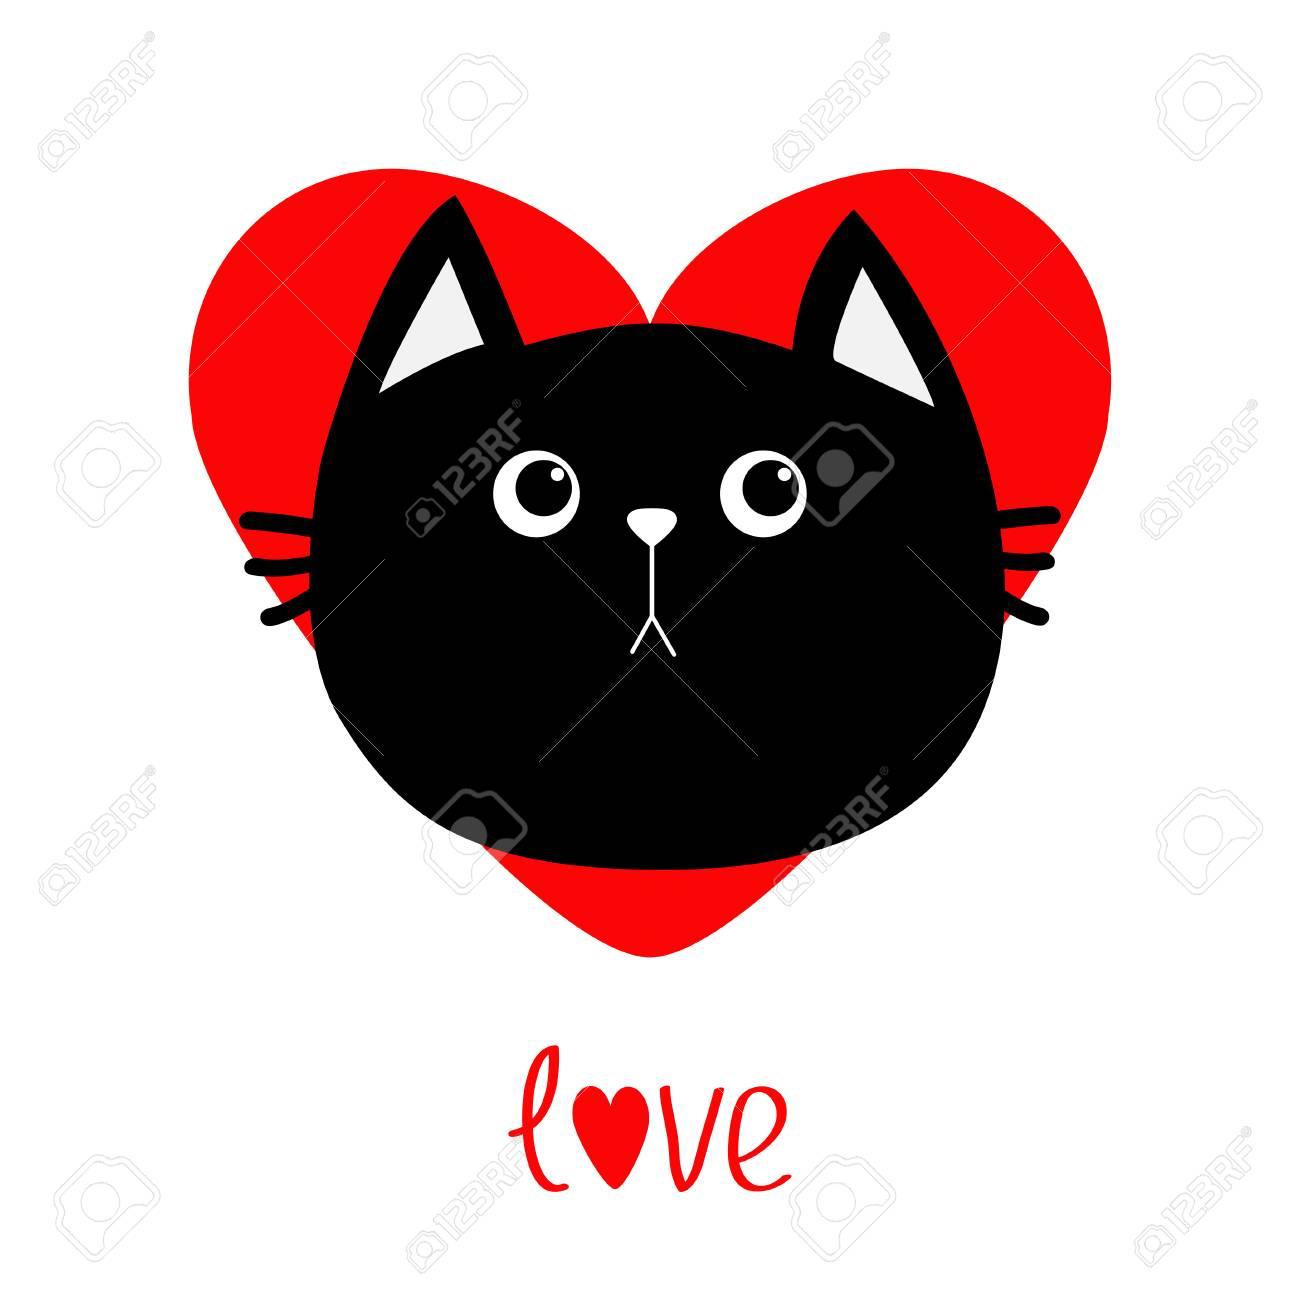 Icône Tête De Chat Noir Coeur Rouge Personnage Drôle De Dessin Animé Carte De Voeux Pour Le Mot Amour Saint Valentin émotion Triste Collection